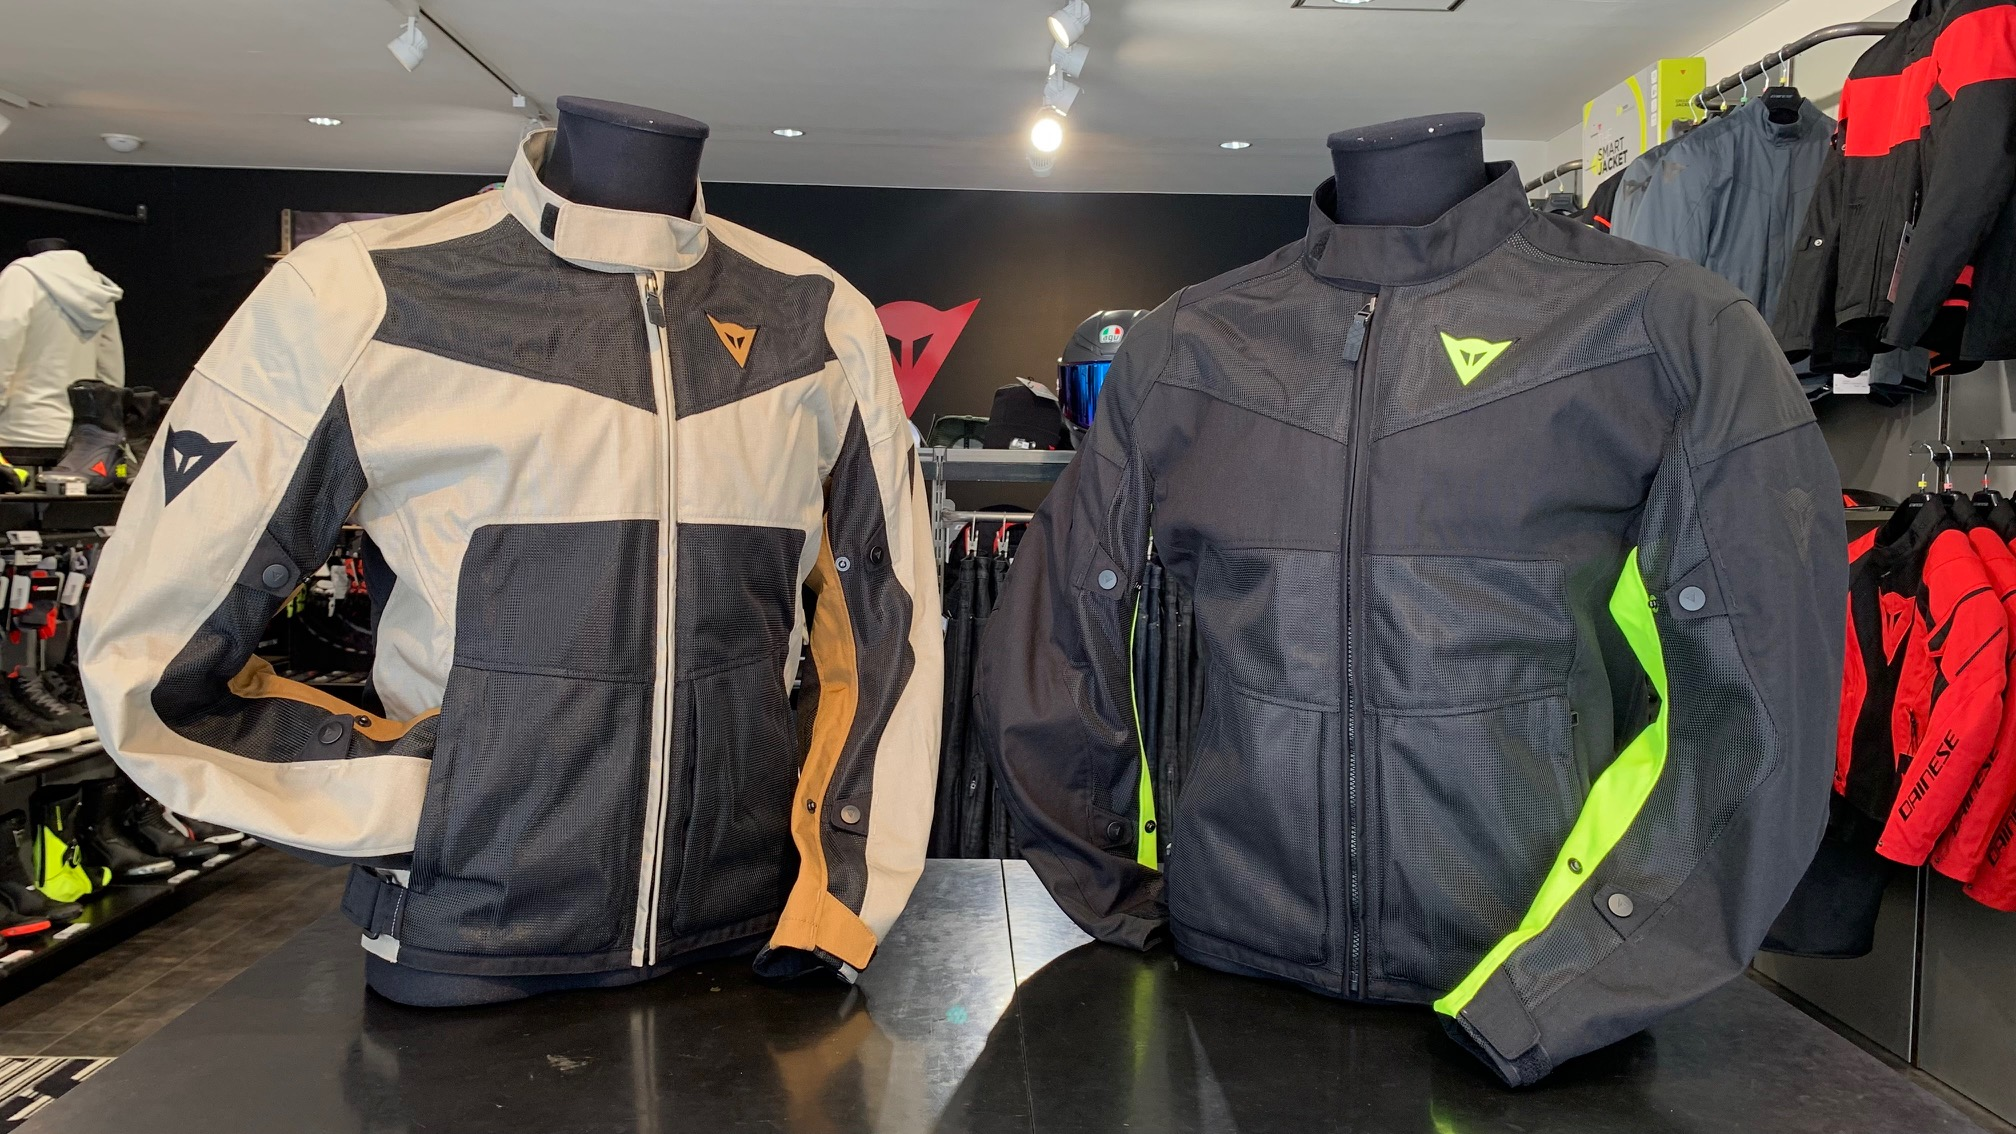 最適な防水性と快適性を備えたジャケット【SAURIS 2D-DRY】